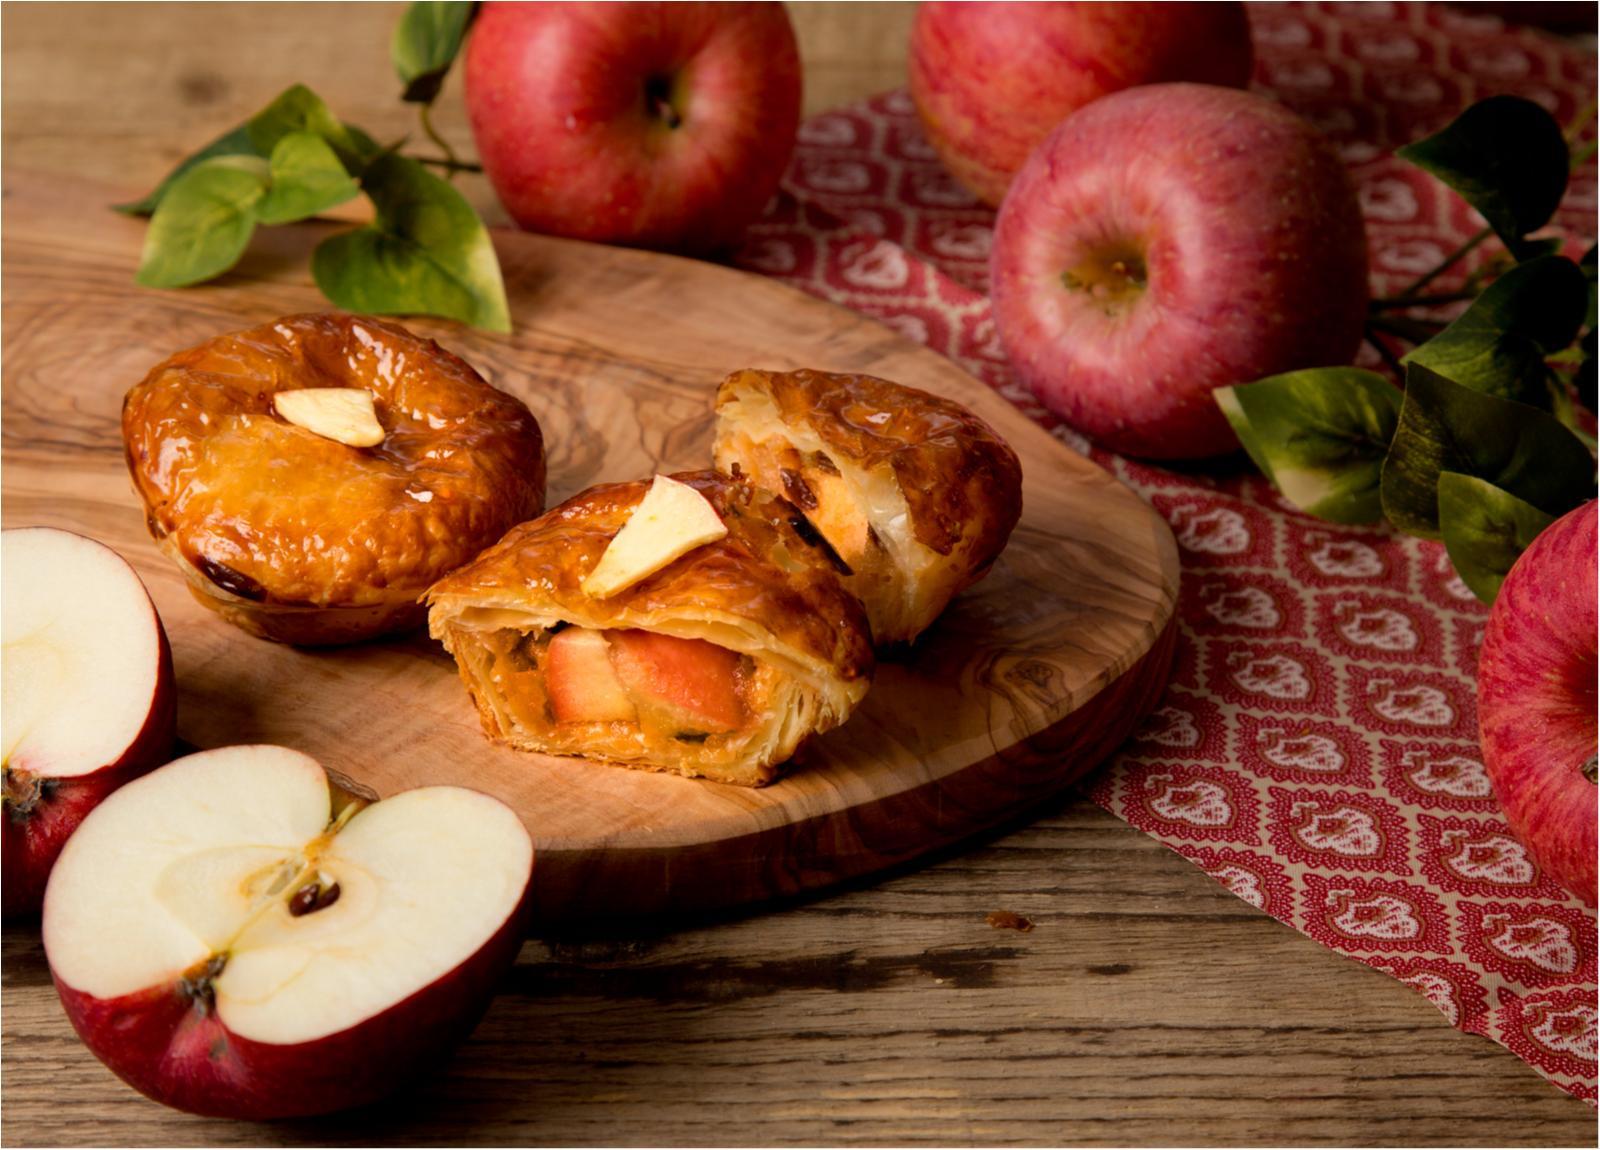 3月14日はパイを食べる日! 『リトル・パイ・ファクトリー』の究極のアップルパイをどうぞ♡_1